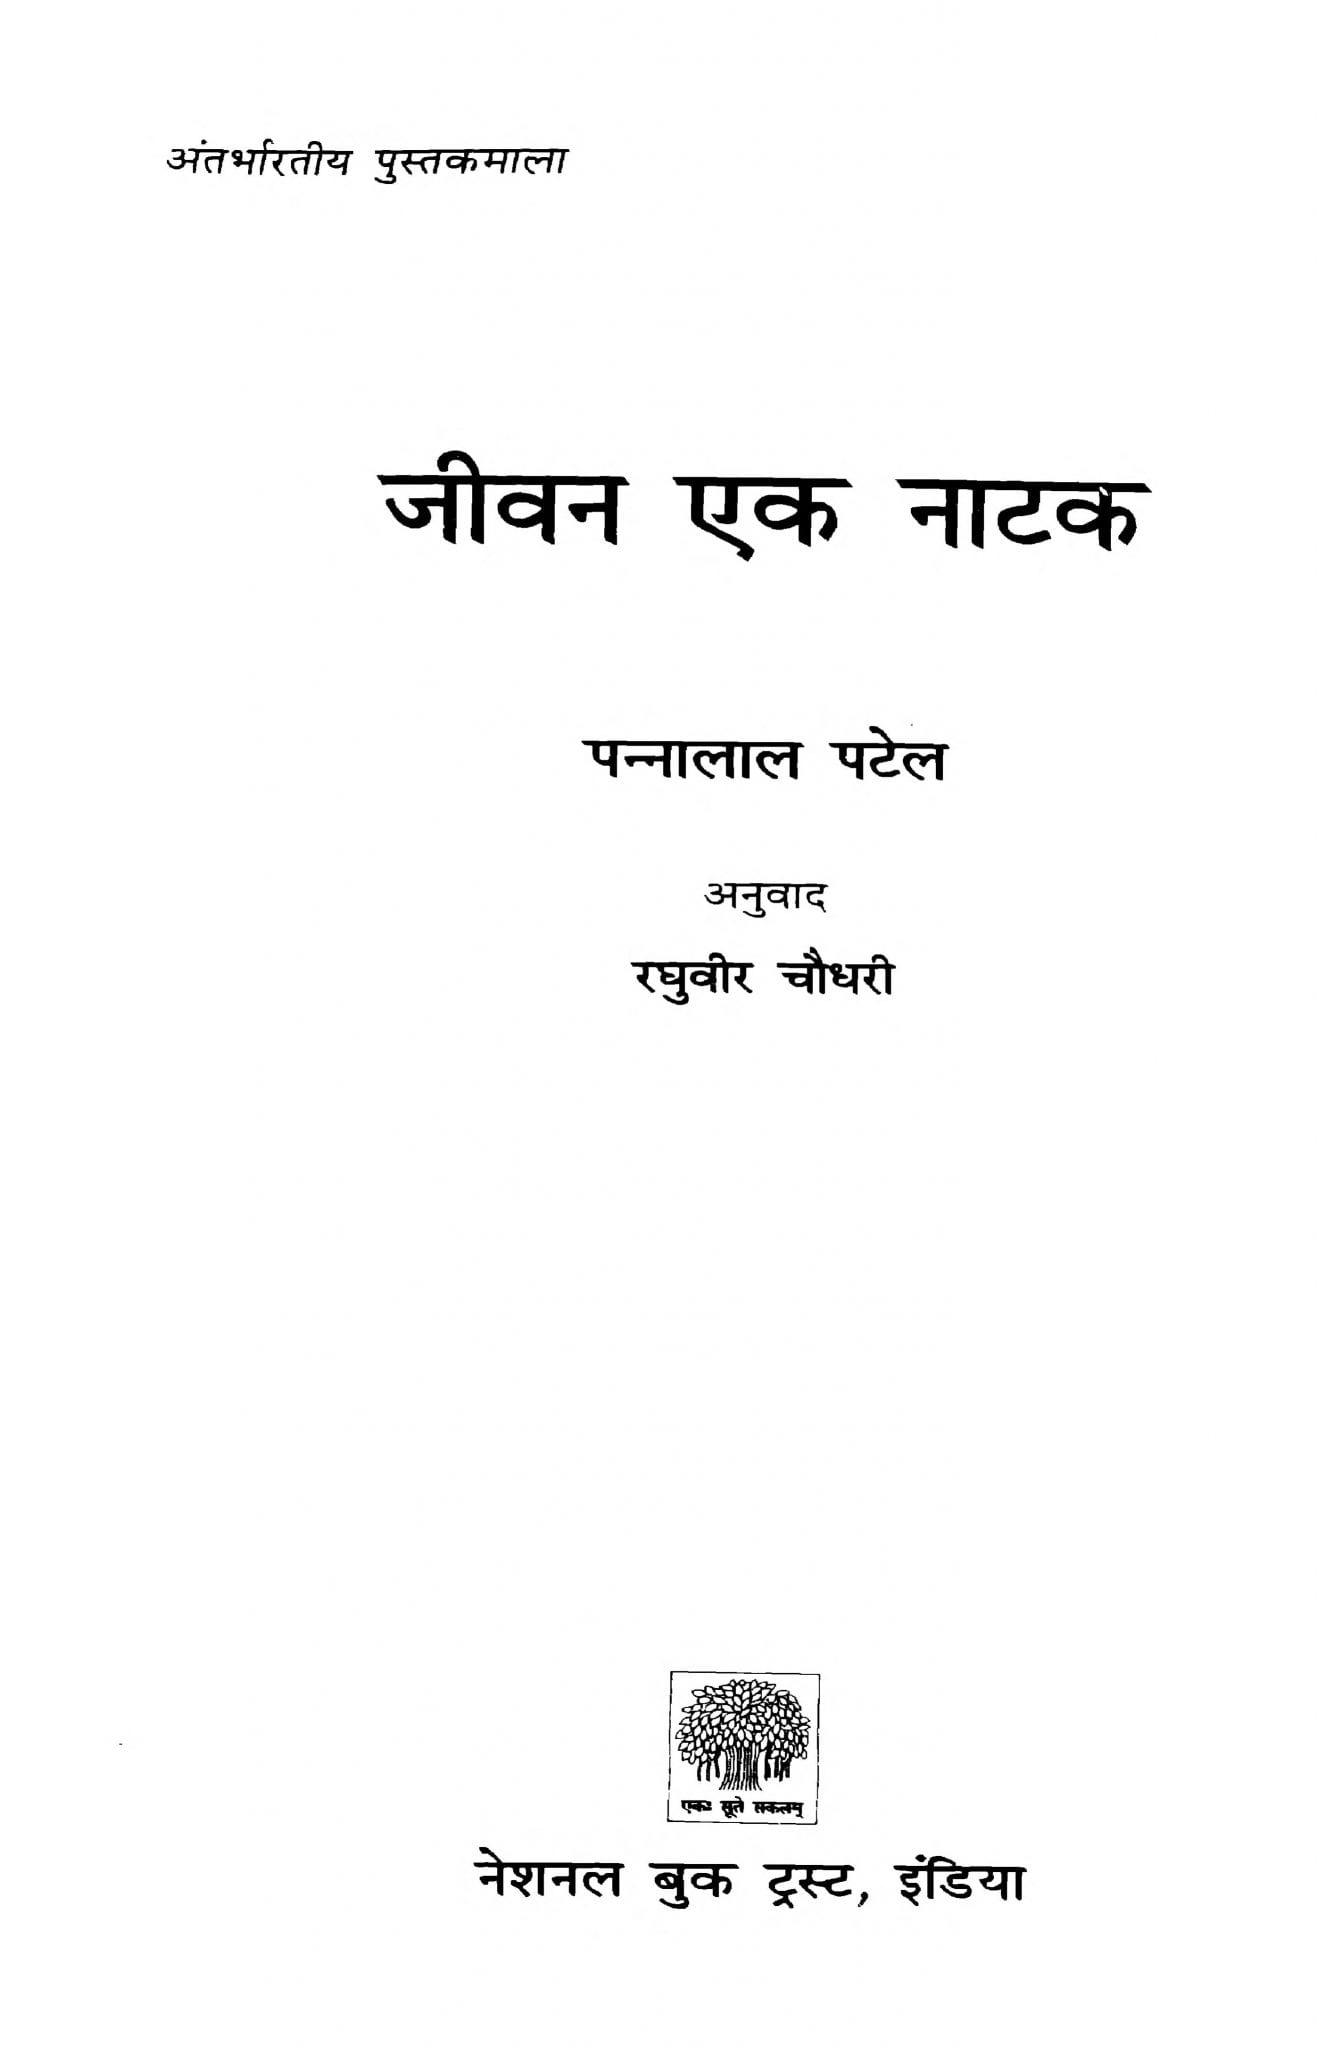 Jeevan Ek Natak by पन्नालाल पटेल - Pannalal Patelरघुवीर चौधरी - Raghuveer Chaudhary